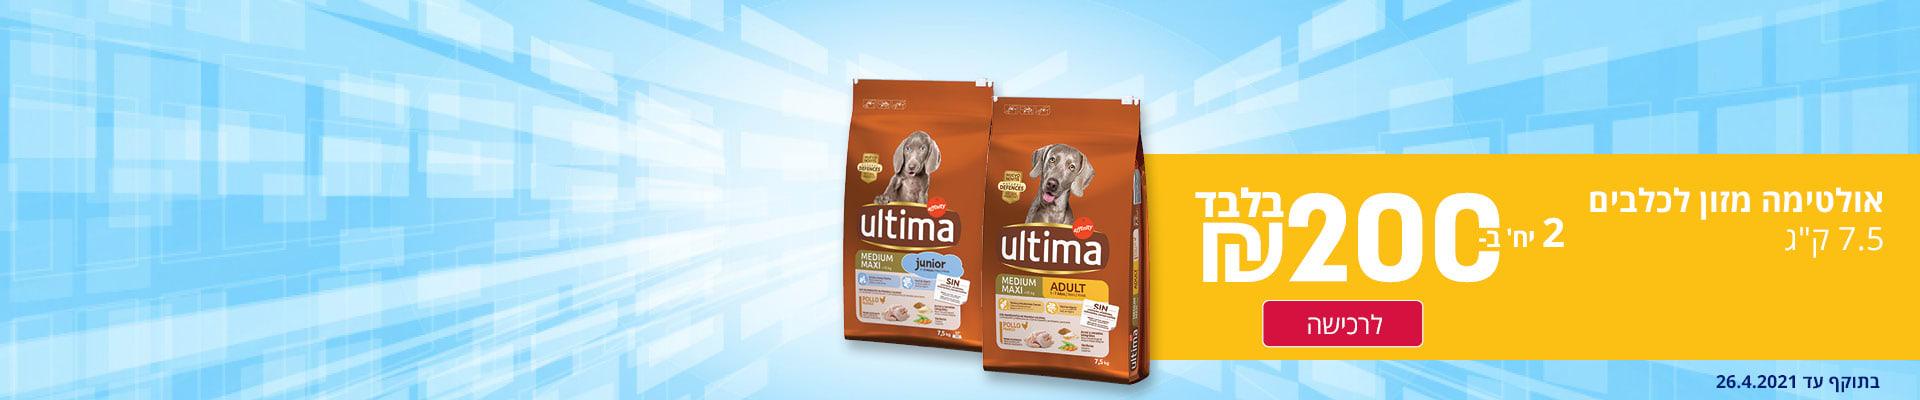 """אולטימה מזון לכלבים 7.5 ק""""ג 2 יח' ב- 200 ₪ בלבד לרכישה בתוקף עד 26.4.2021"""